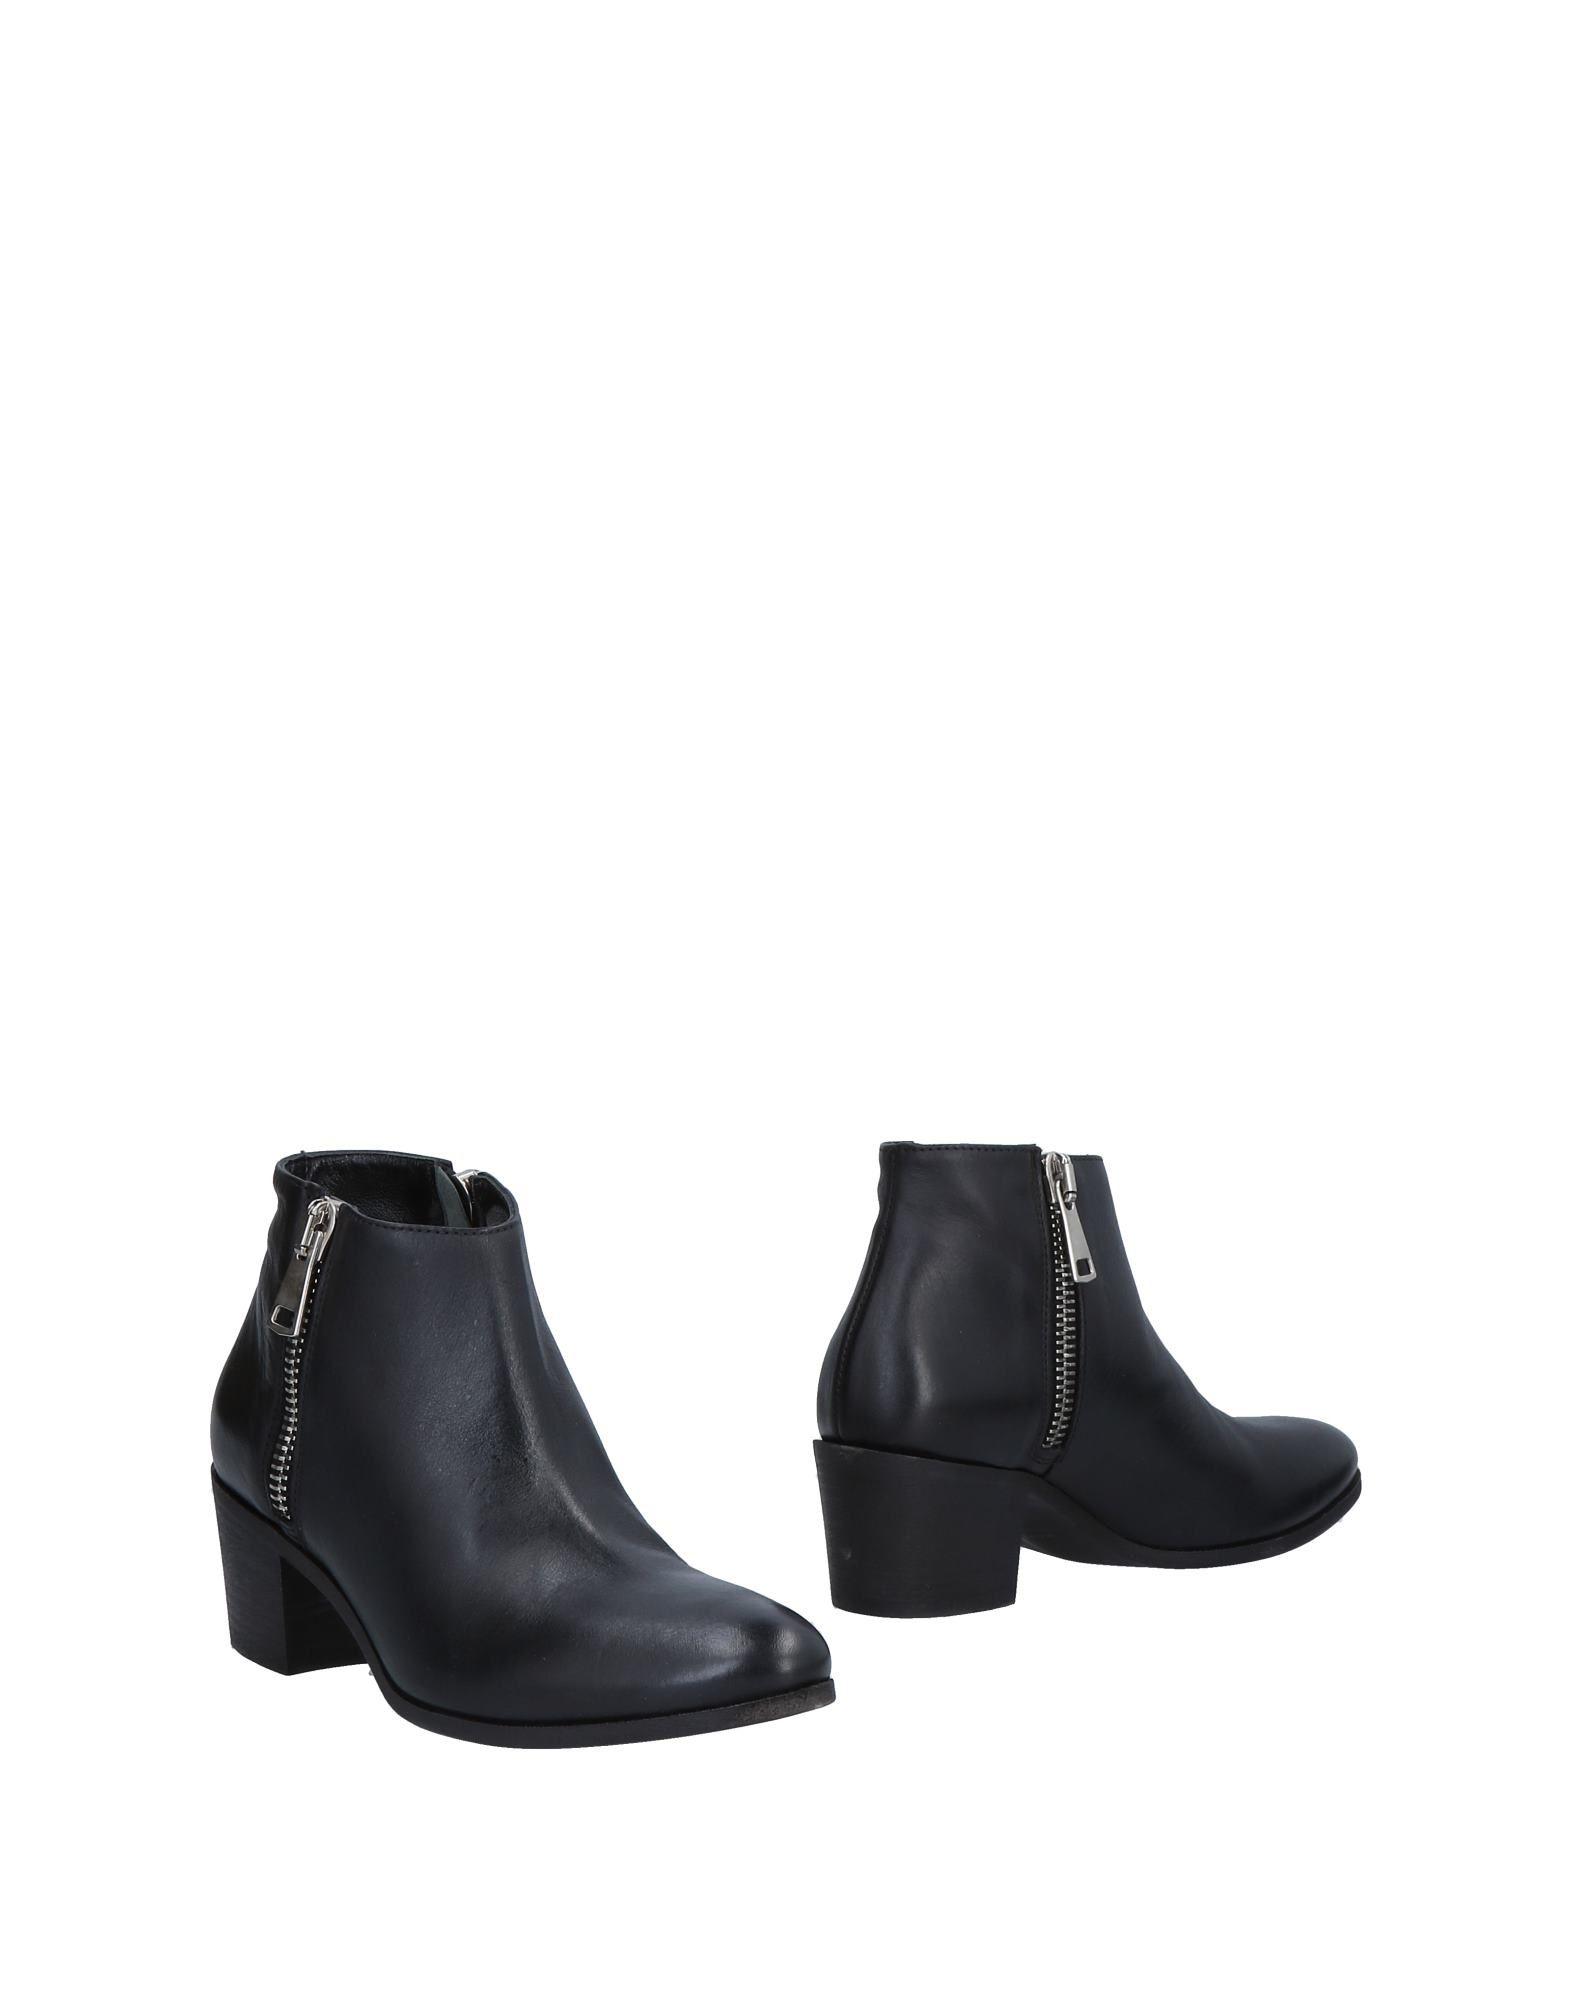 Bruschi Stiefelette Damen Schuhe  11485992NUGut aussehende strapazierfähige Schuhe Damen 00a0b0